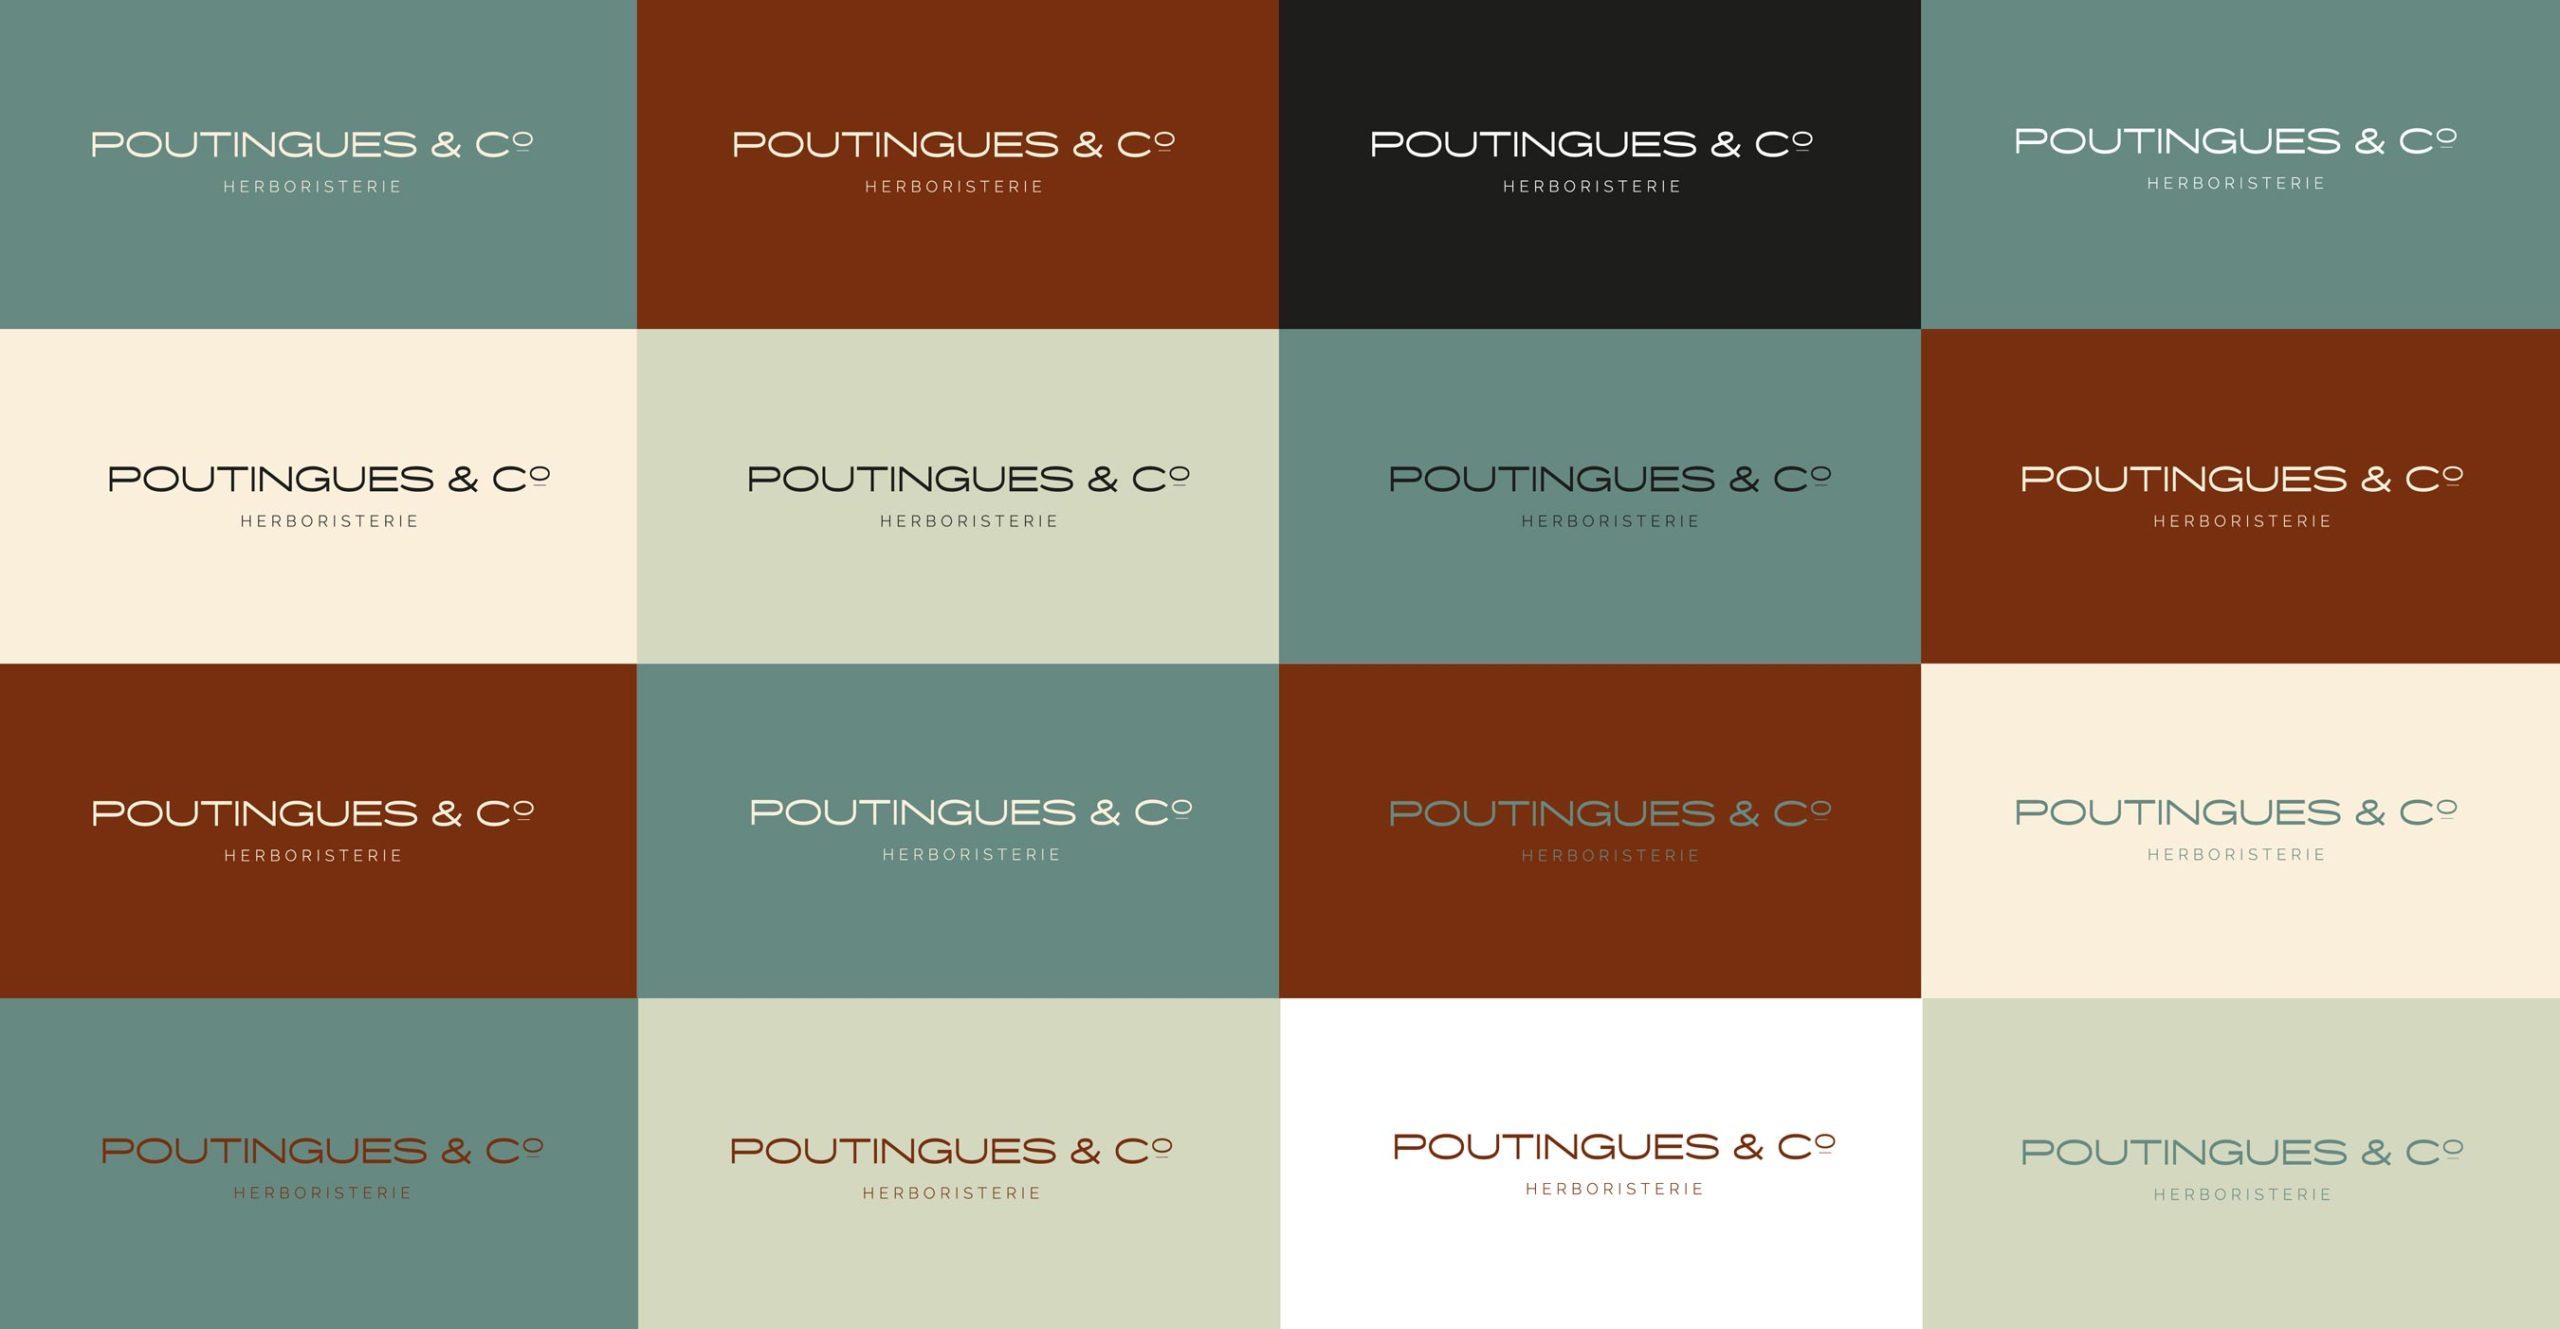 Poutingues & Co. 5